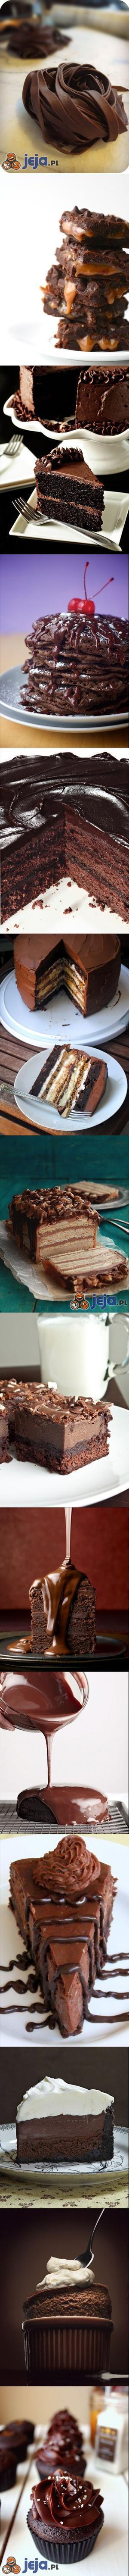 Czekoladowe słodkości cz. 2